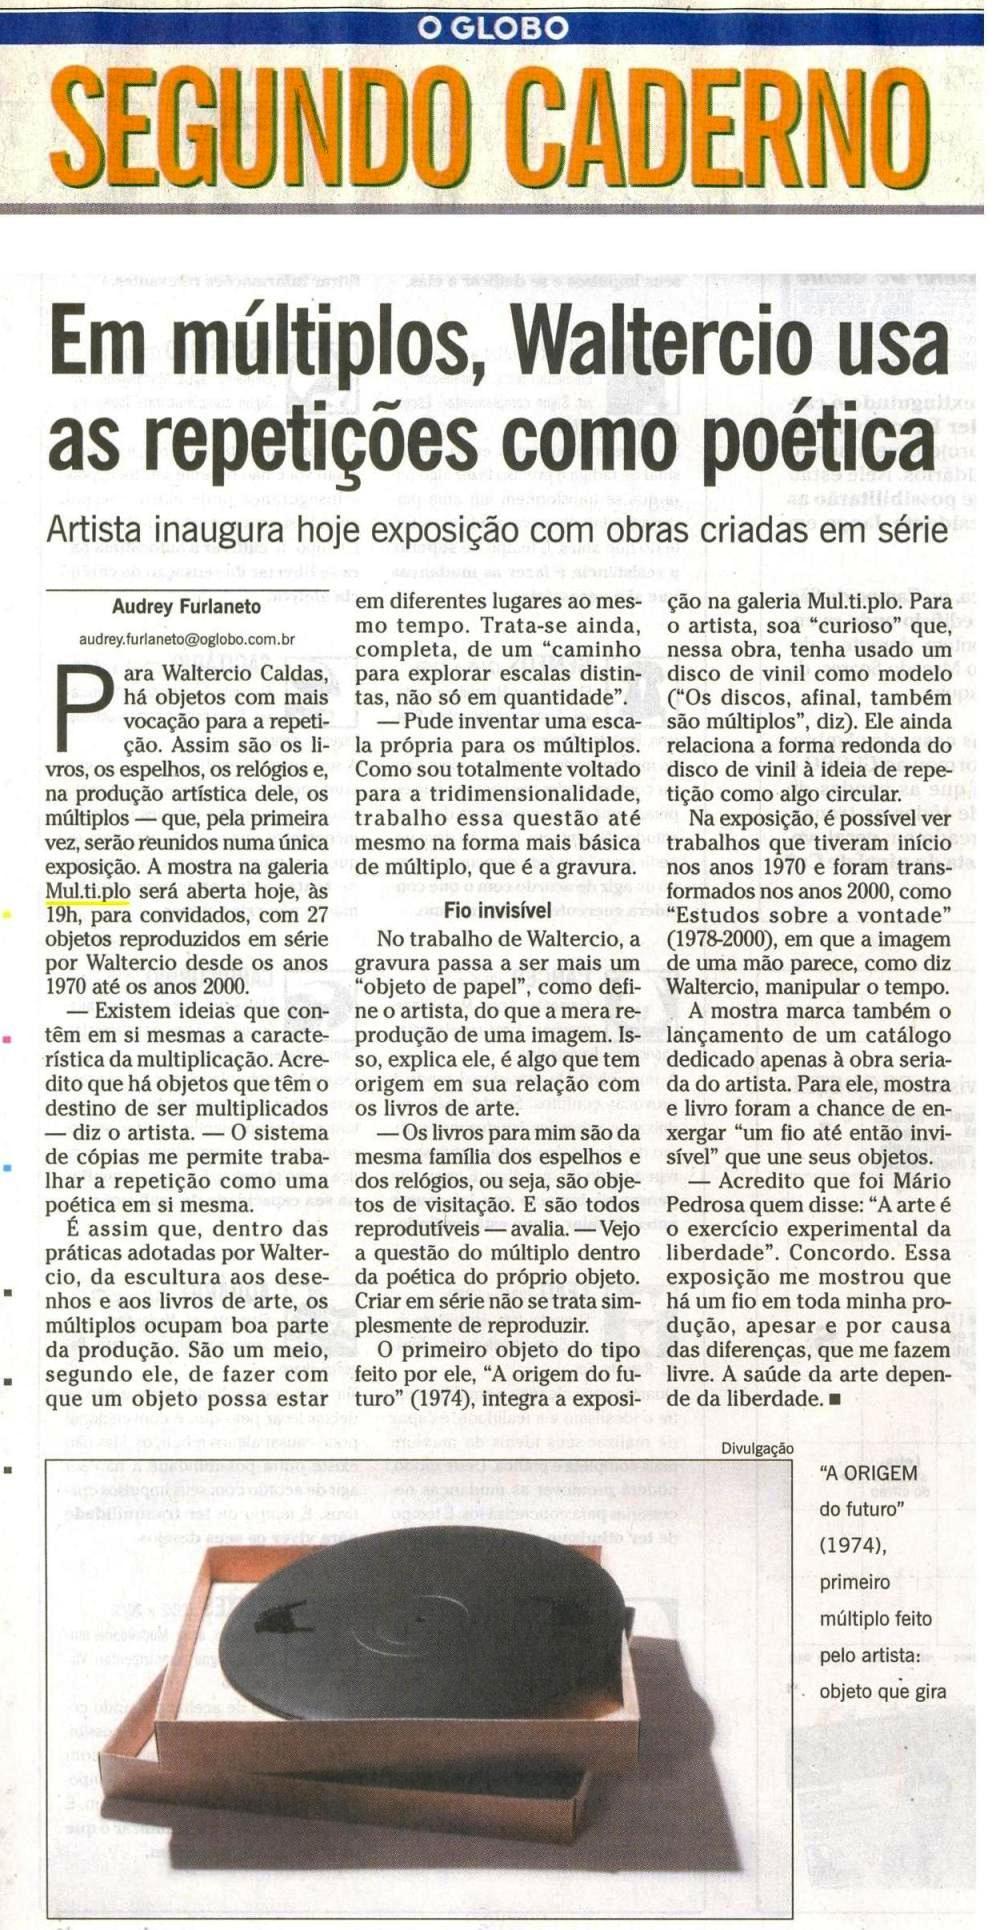 MÚL.TI.PLO ESPAÇO ARTE NO SEGUNDO CADERNO 22.05.2012.JPG